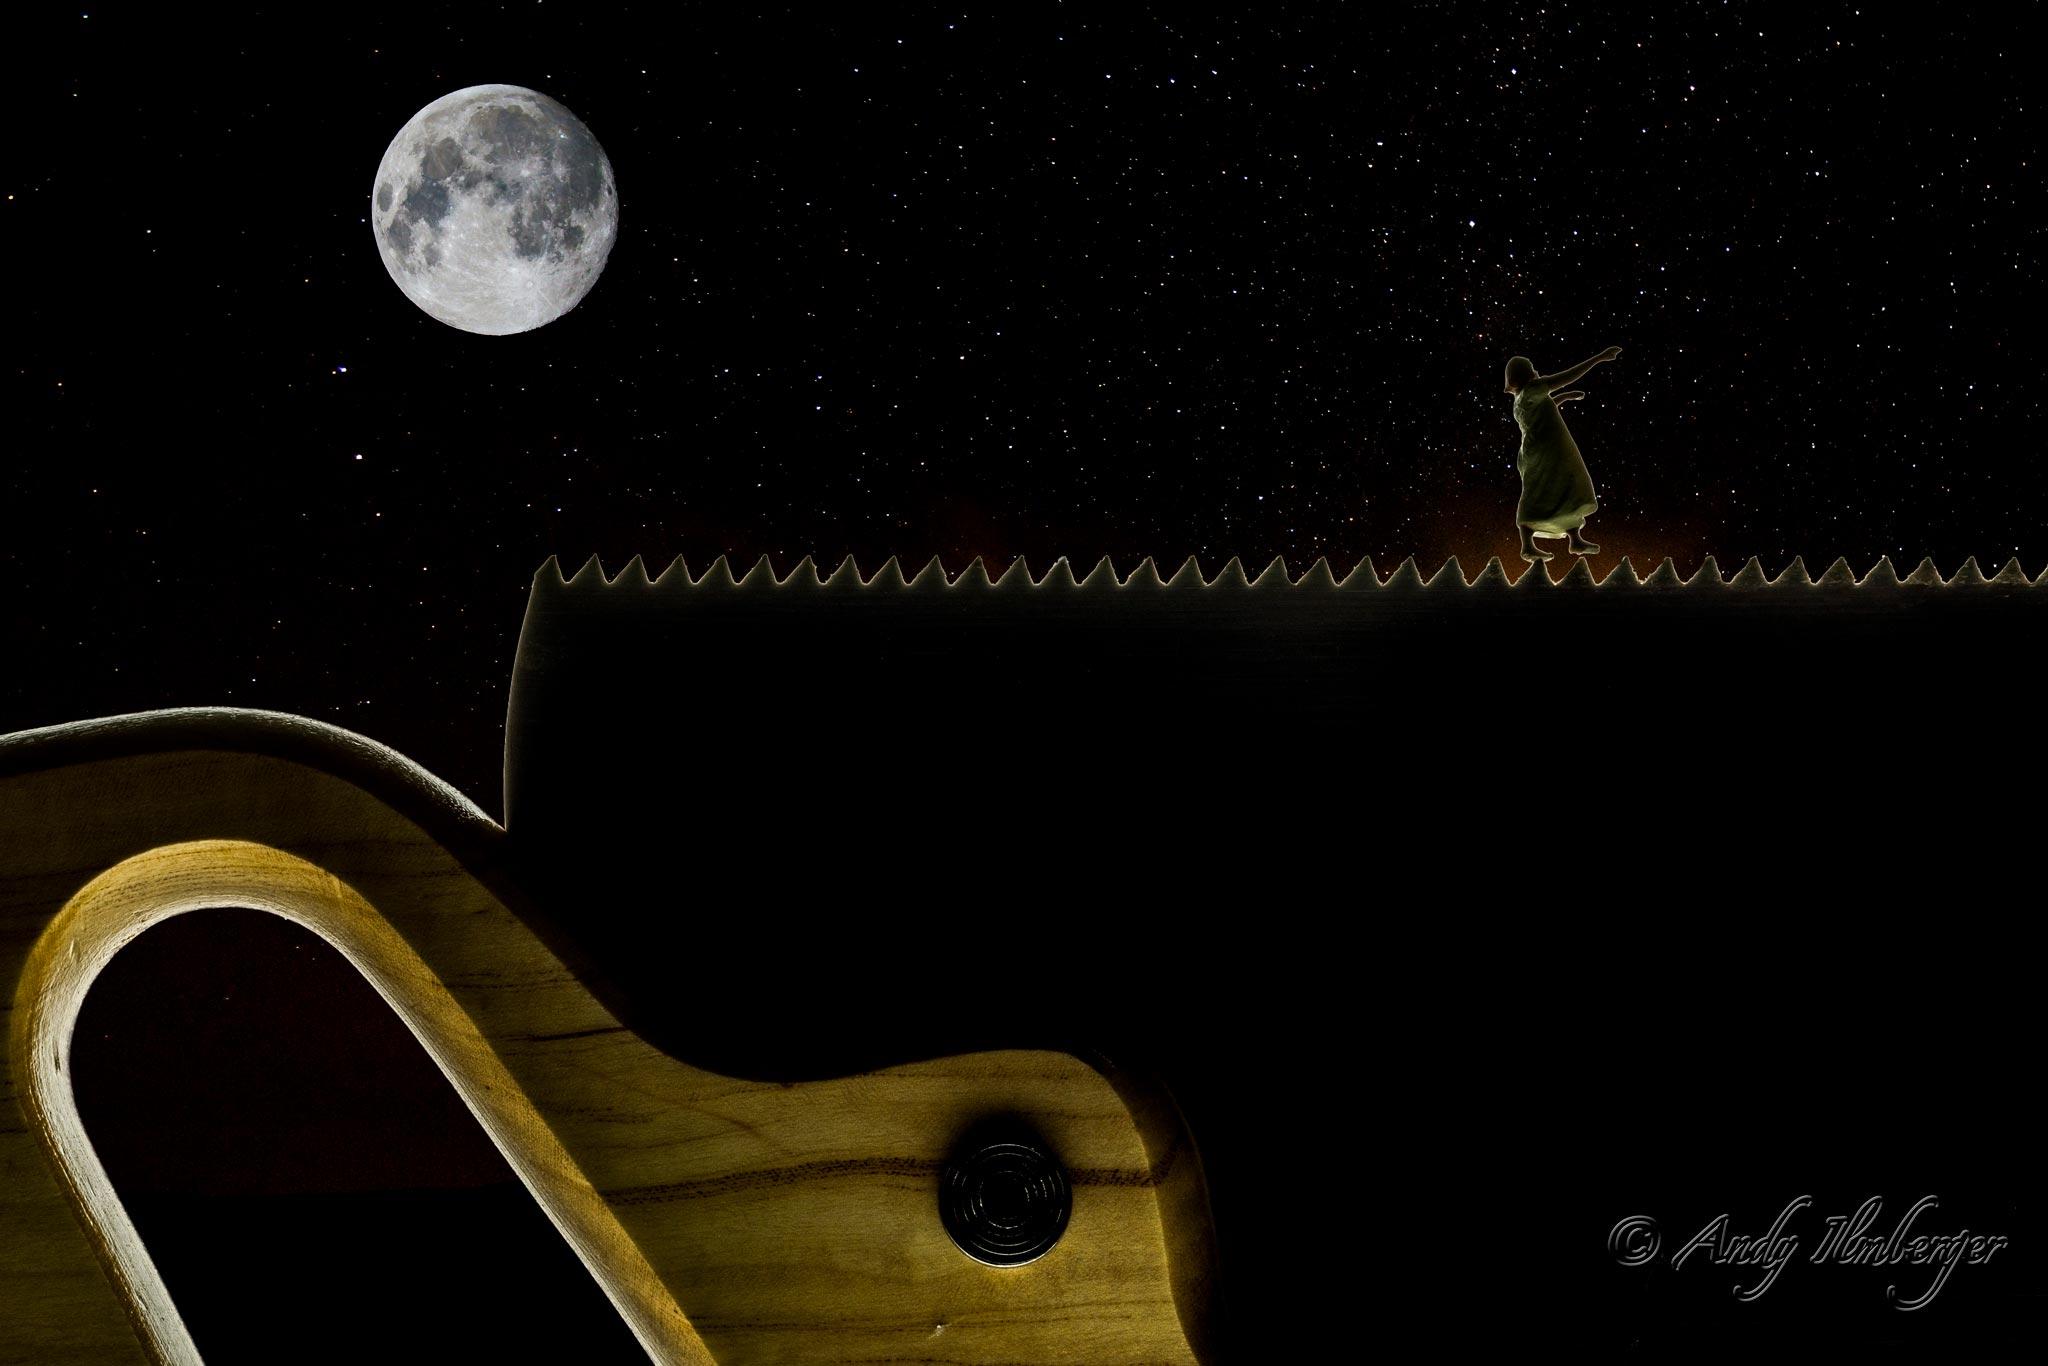 H0-Helden - Mondsüchtig - H0-Figuren in Szene gesetzt von © Andy Ilmberger im Kleine-Helden.Club